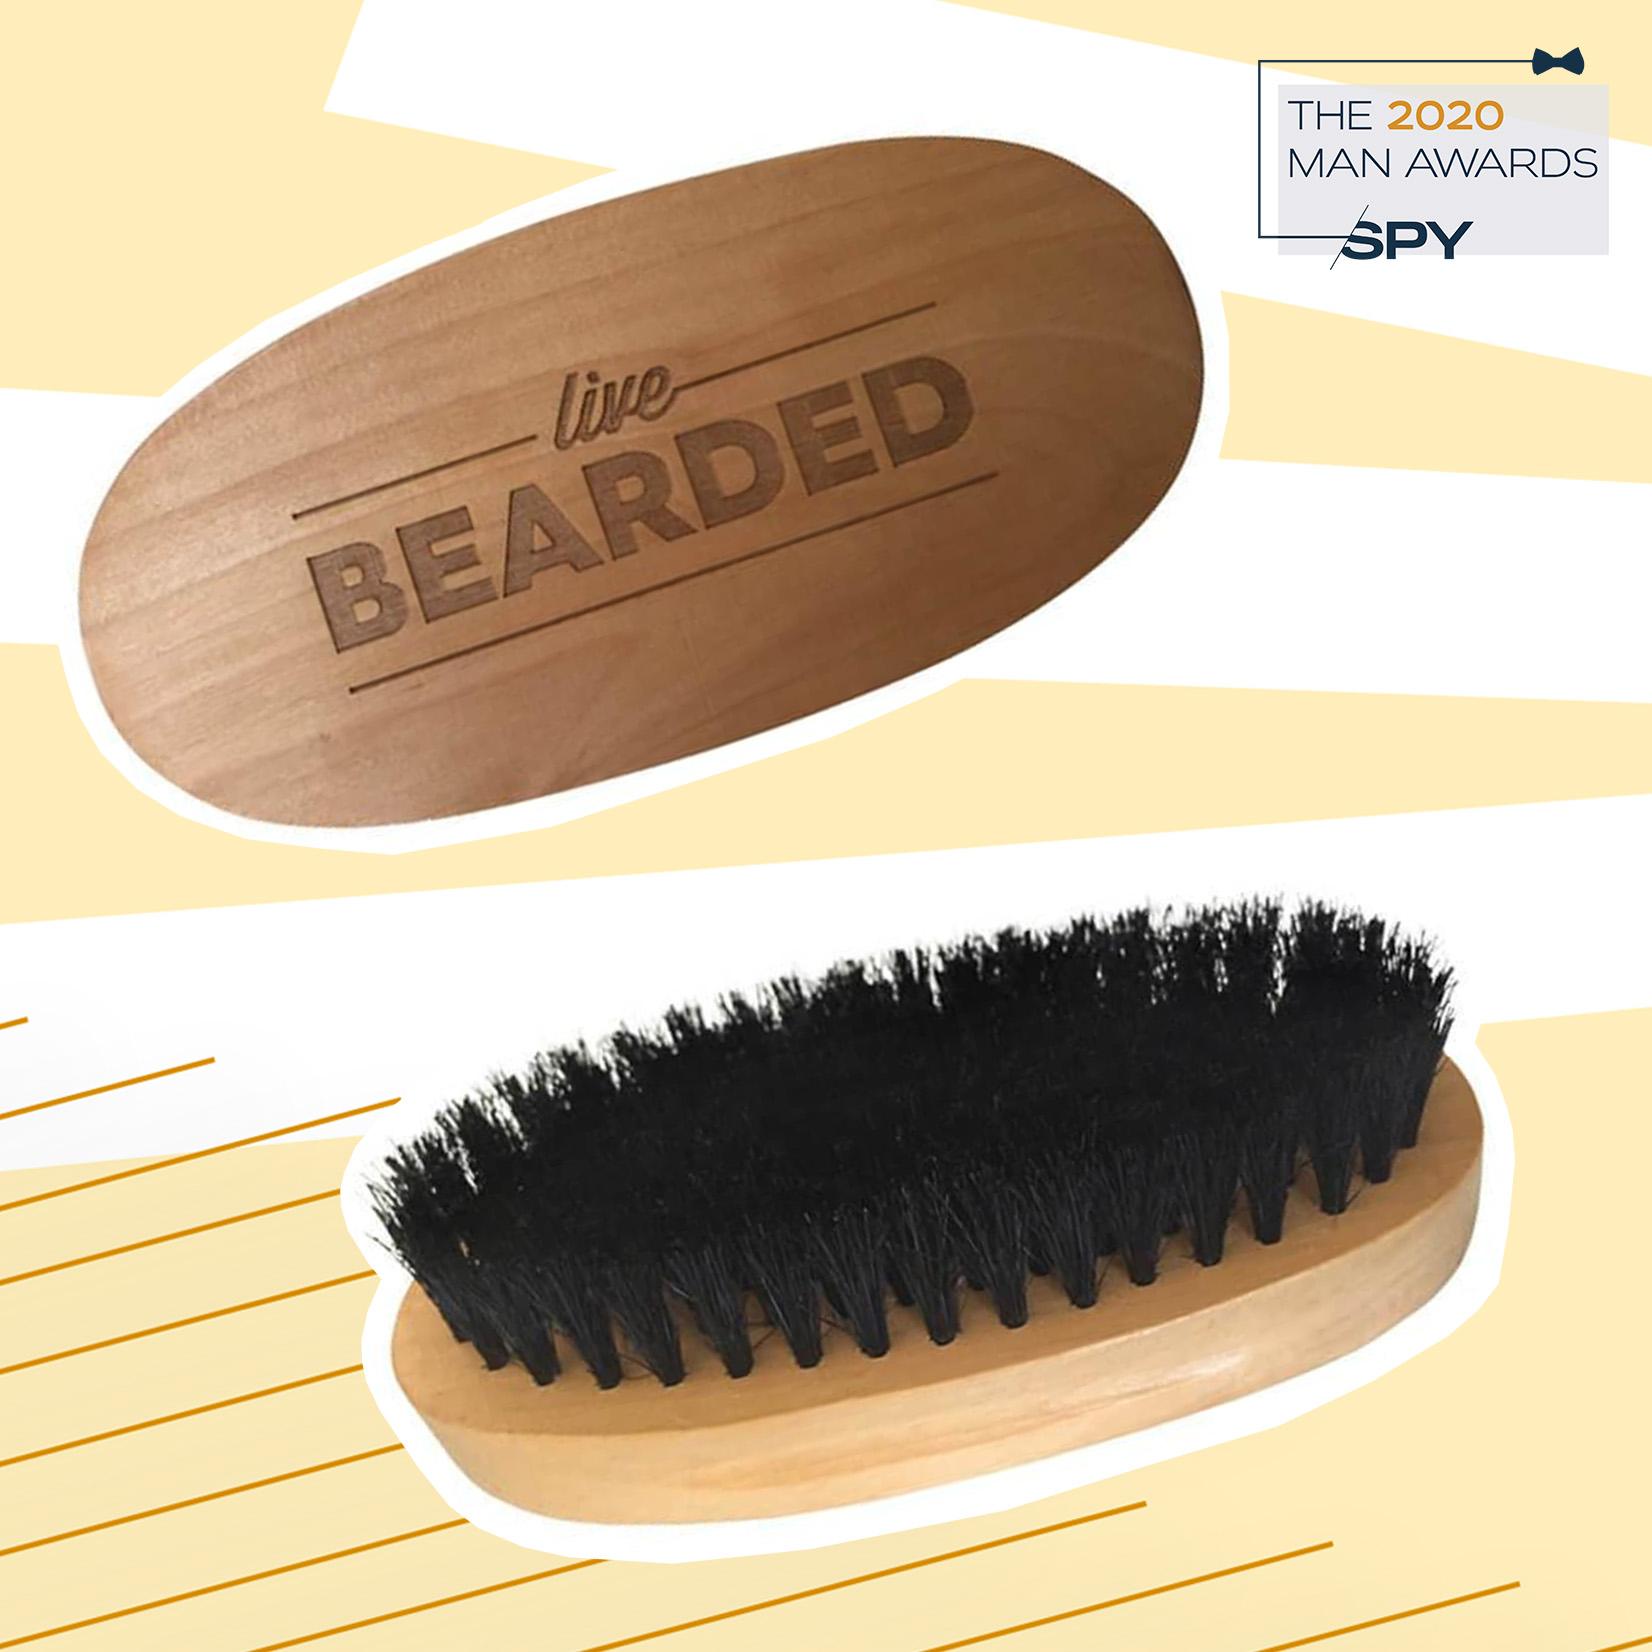 Live Bearded Boar Bristle Beard Brush, best beard care products of 2020